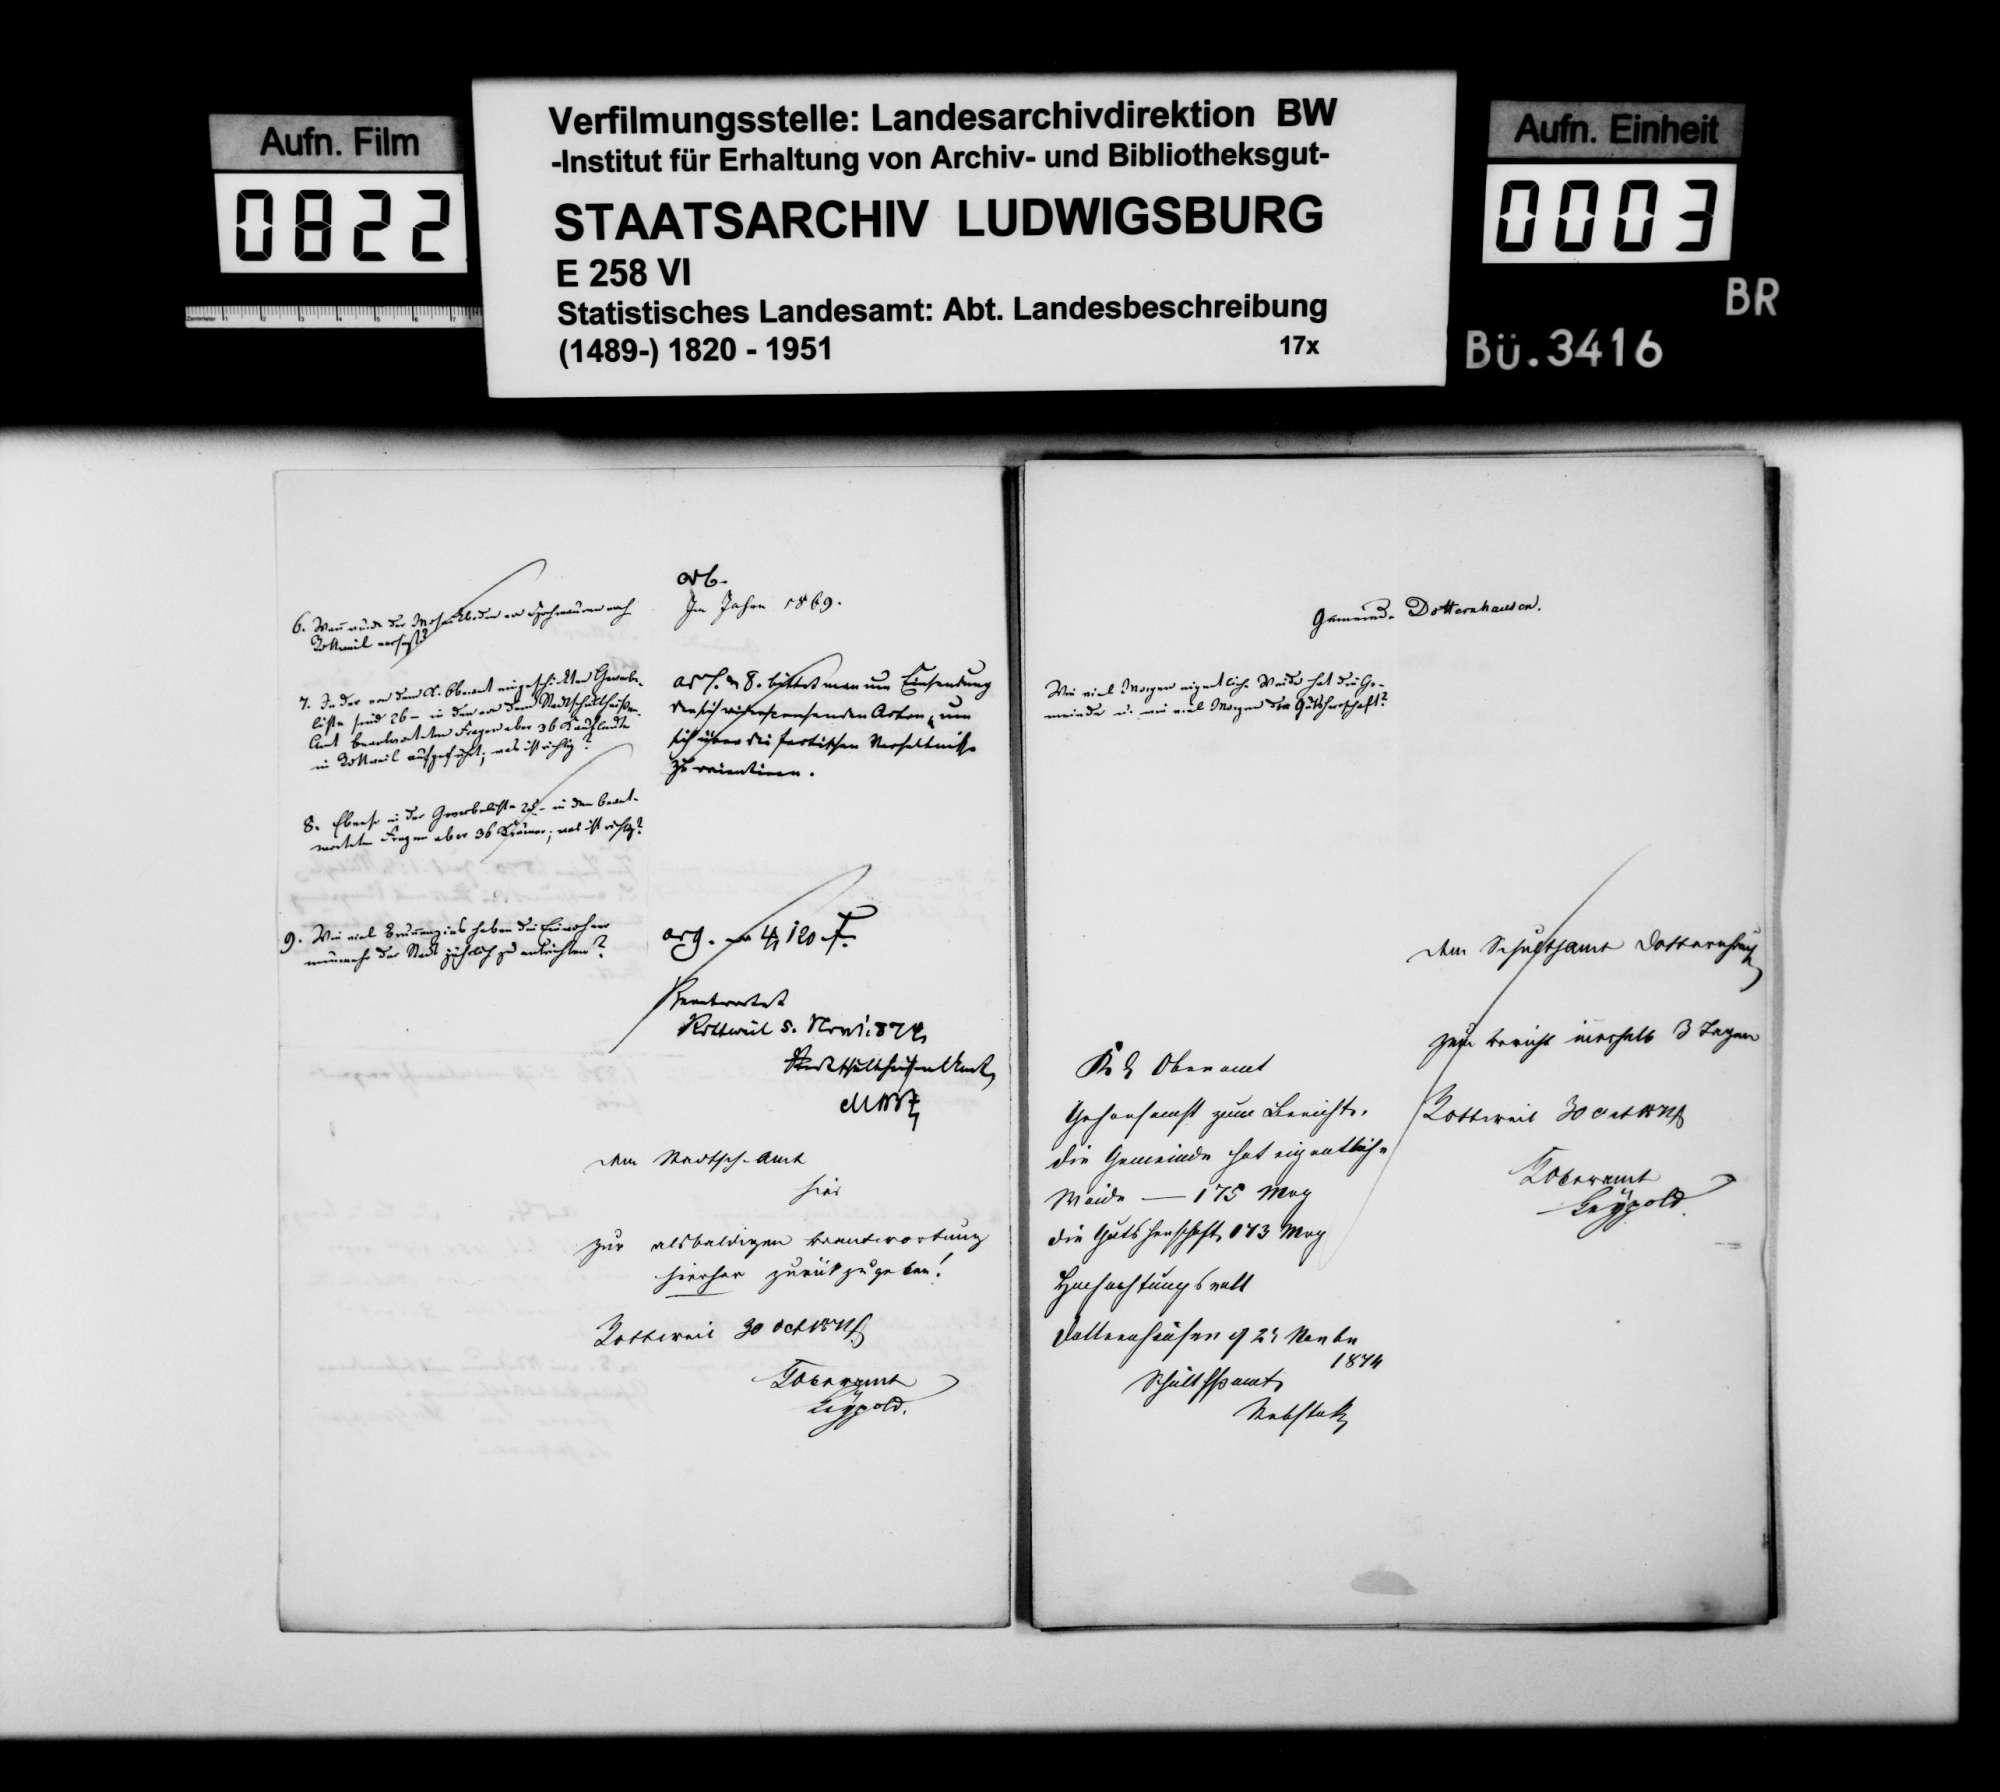 Auskünfte der Schultheißenämter auf Nachfragen [des Finanzrats Karl Eduard Paulus] zur Ortsbeschreibung, Bild 2